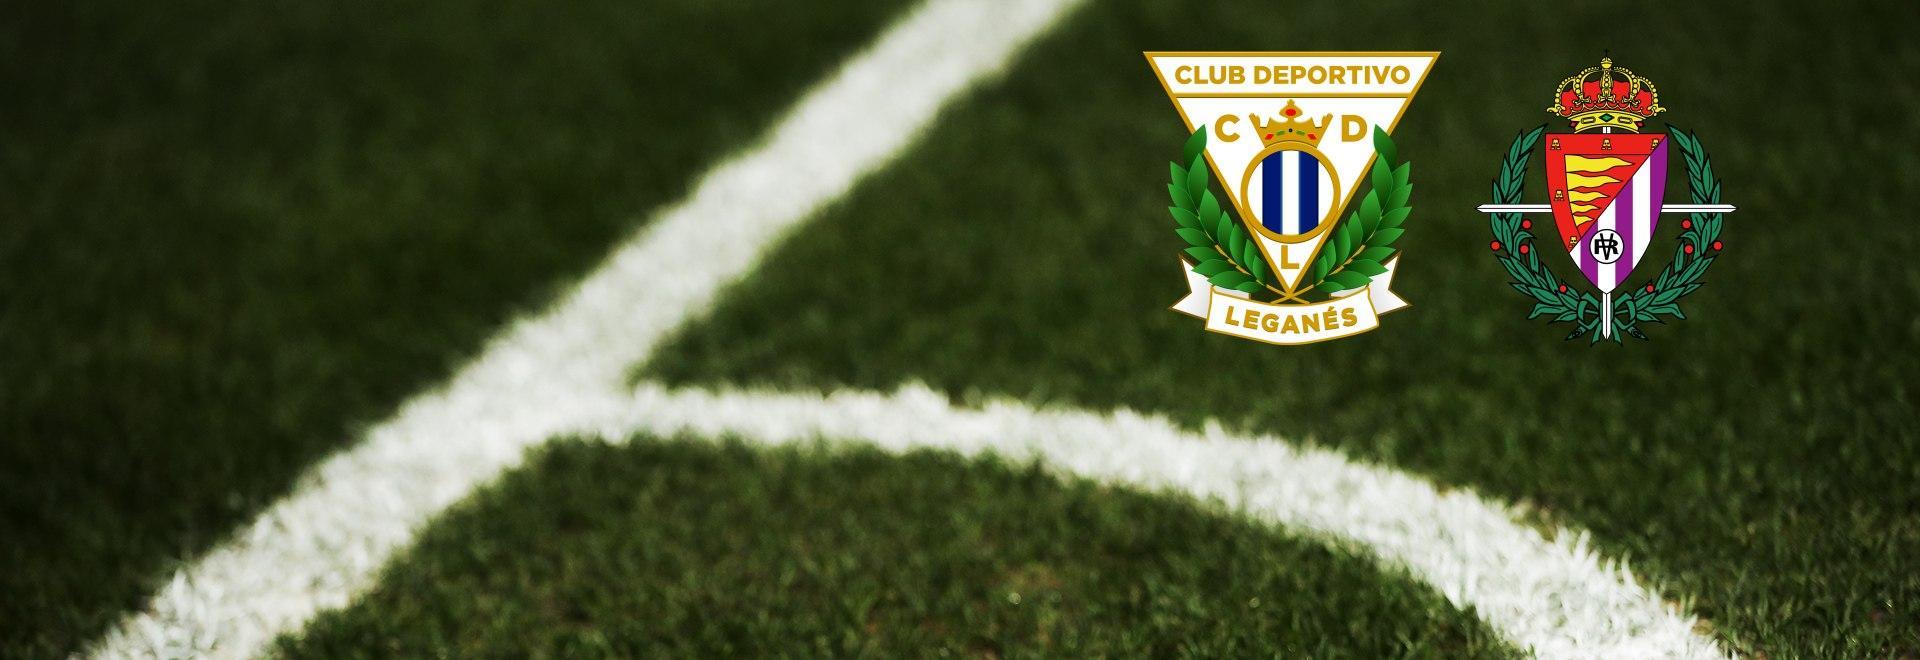 Leganes - Real Valladolid. 28a g.